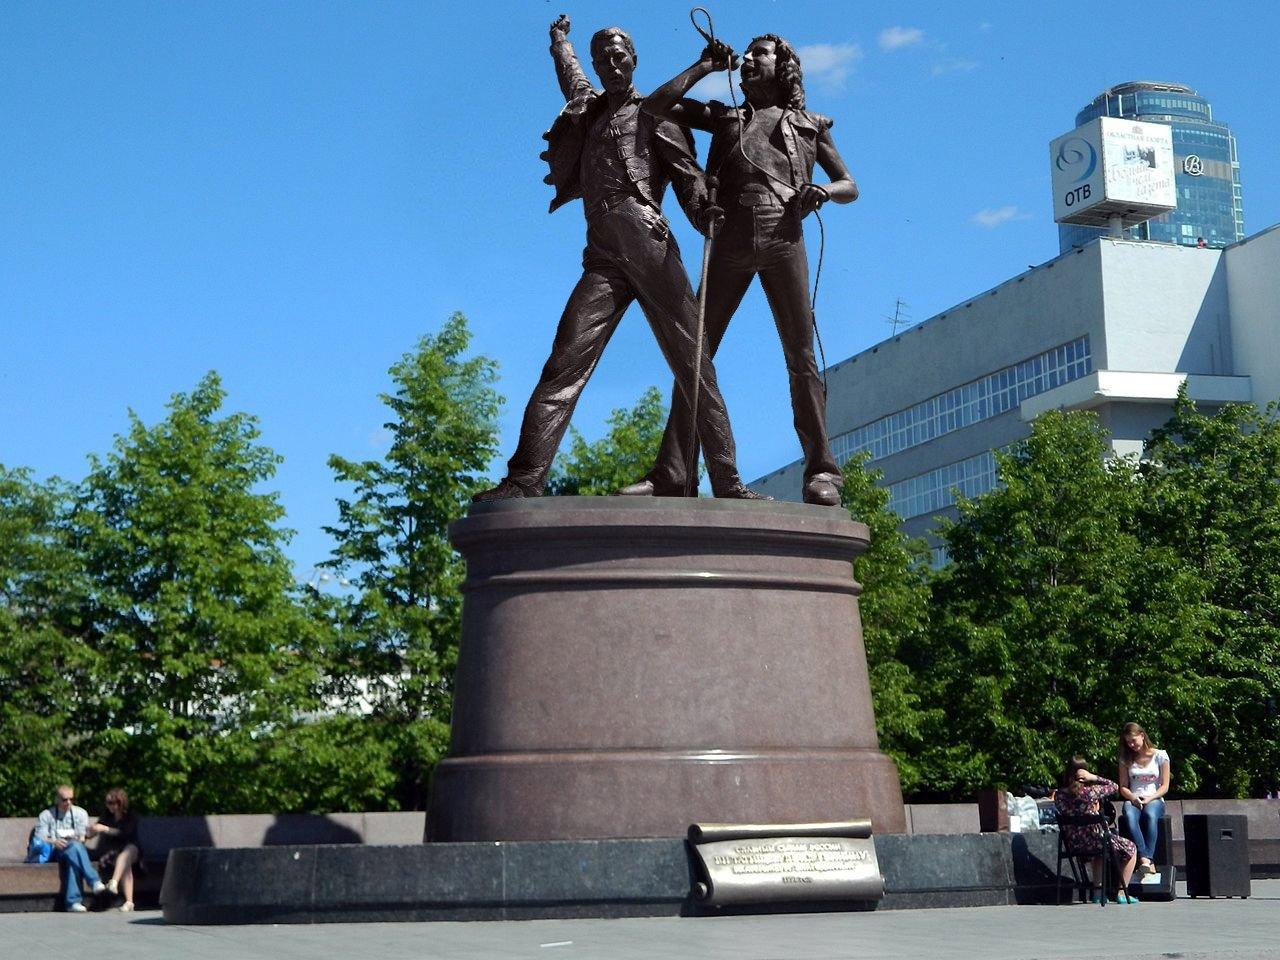 Заказать памятник краснодар екатеринбург памятники из граниты дешевые Камышин